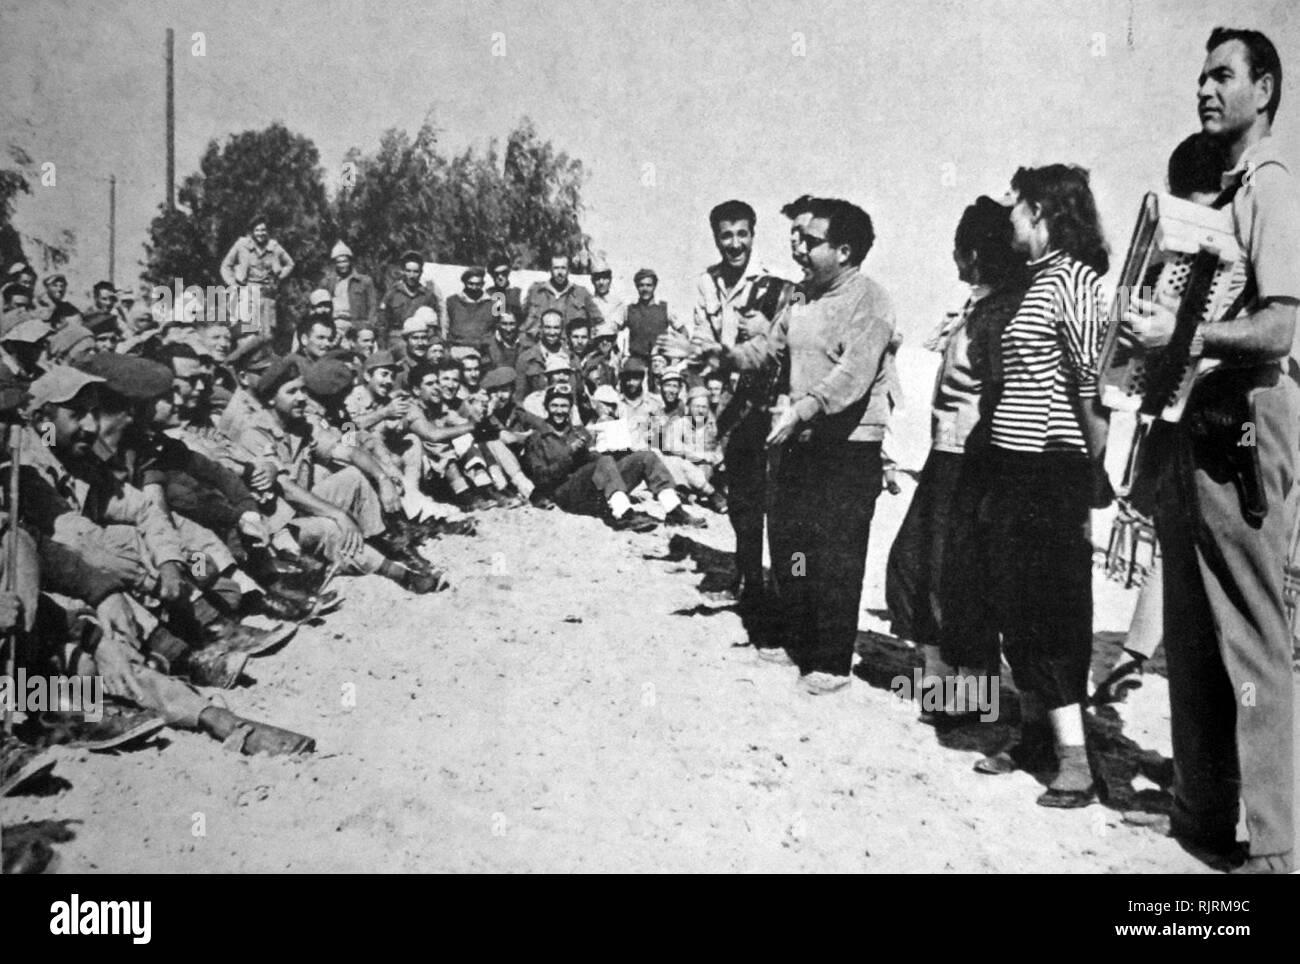 Forces de Défense Israélienne Zahal troupe de divertissement, vers 1965 Photo Stock